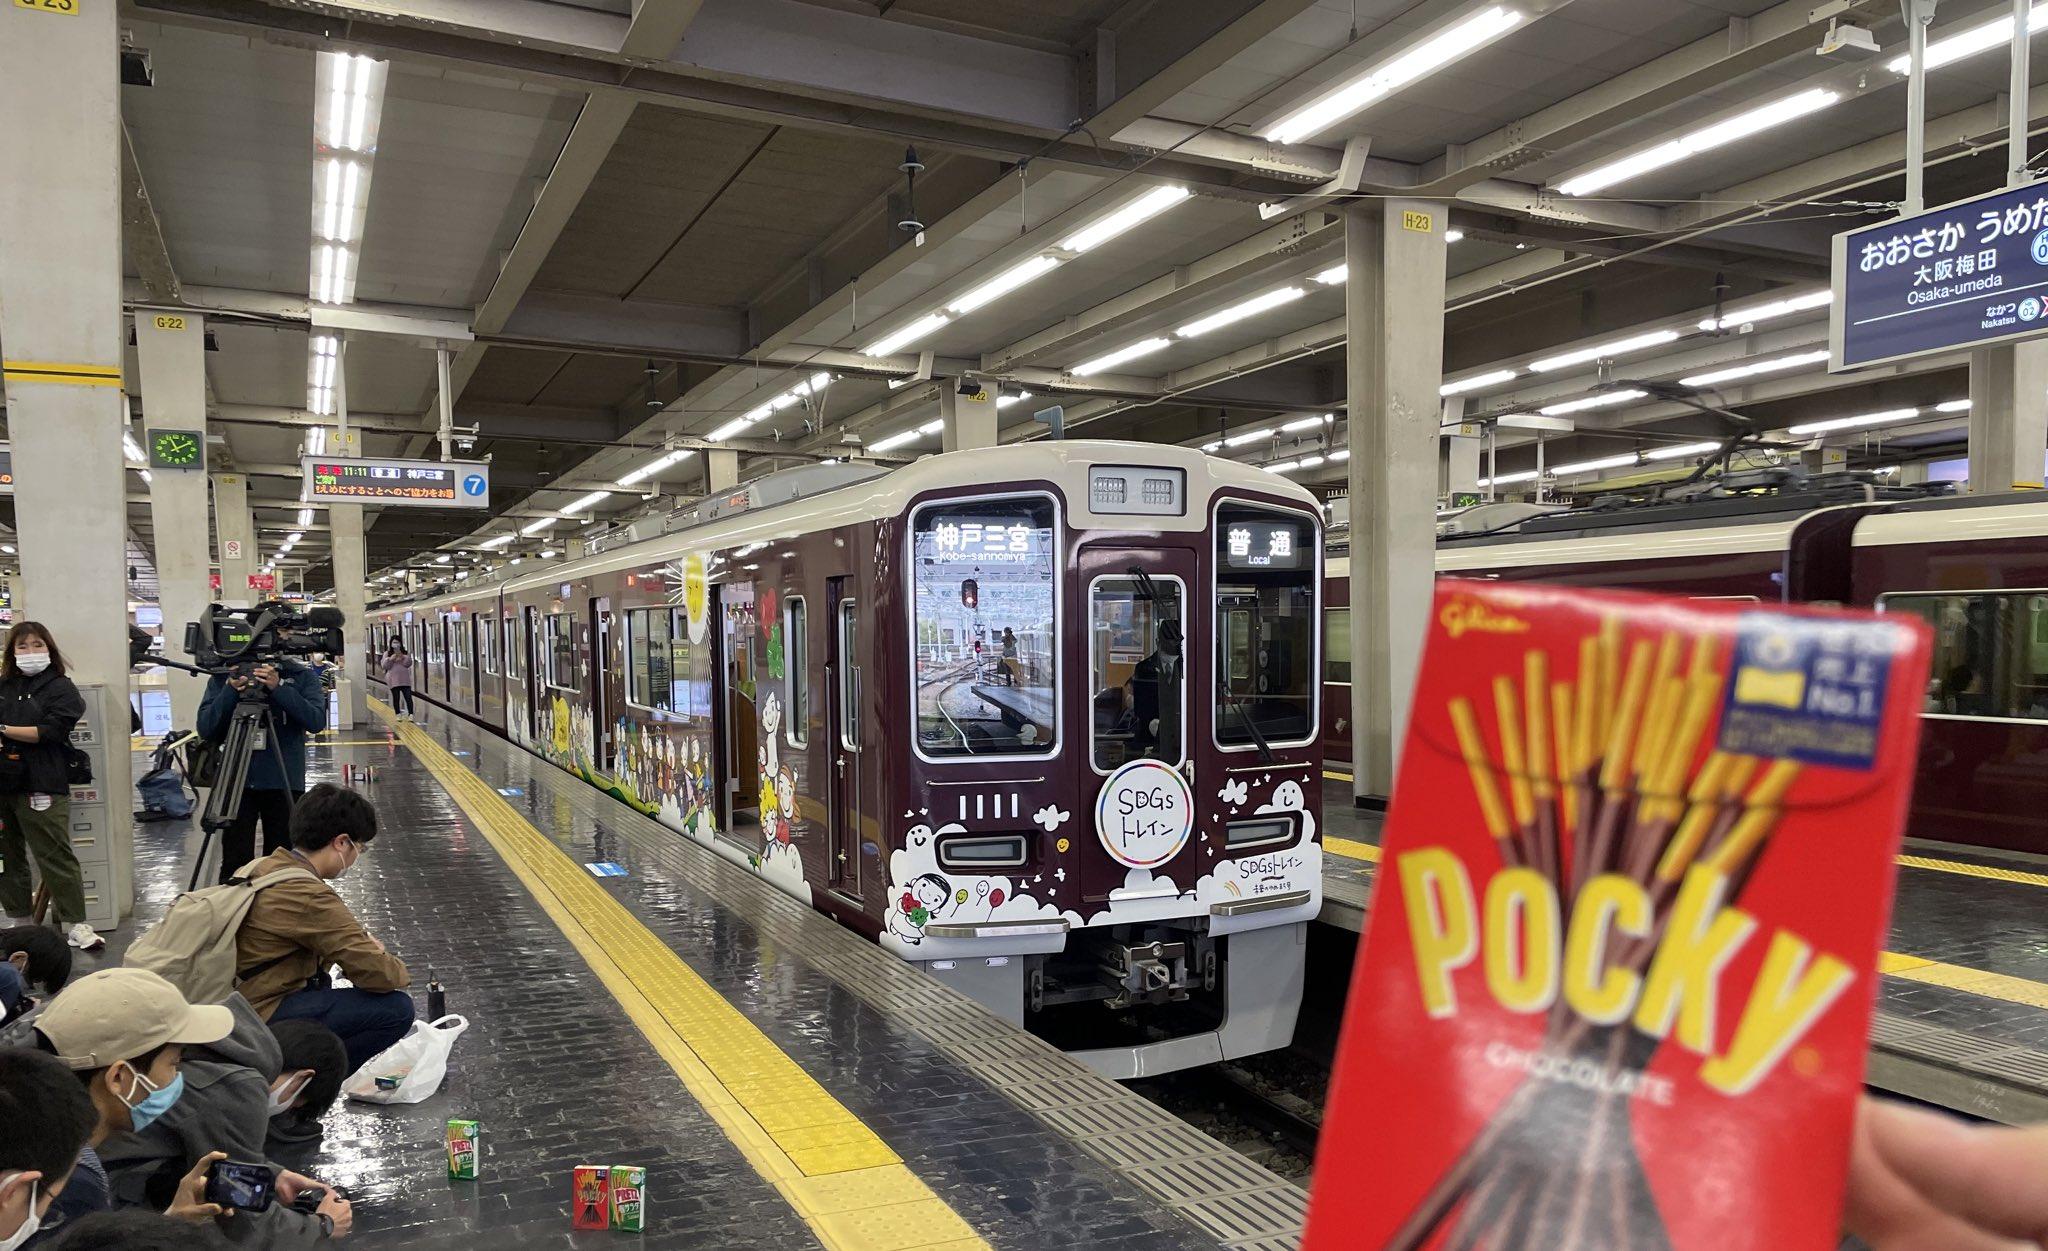 【隠しイベント】4年連続で阪急1111車両が11月11日11時11分に梅田駅を発車 ポッキープリッツの日